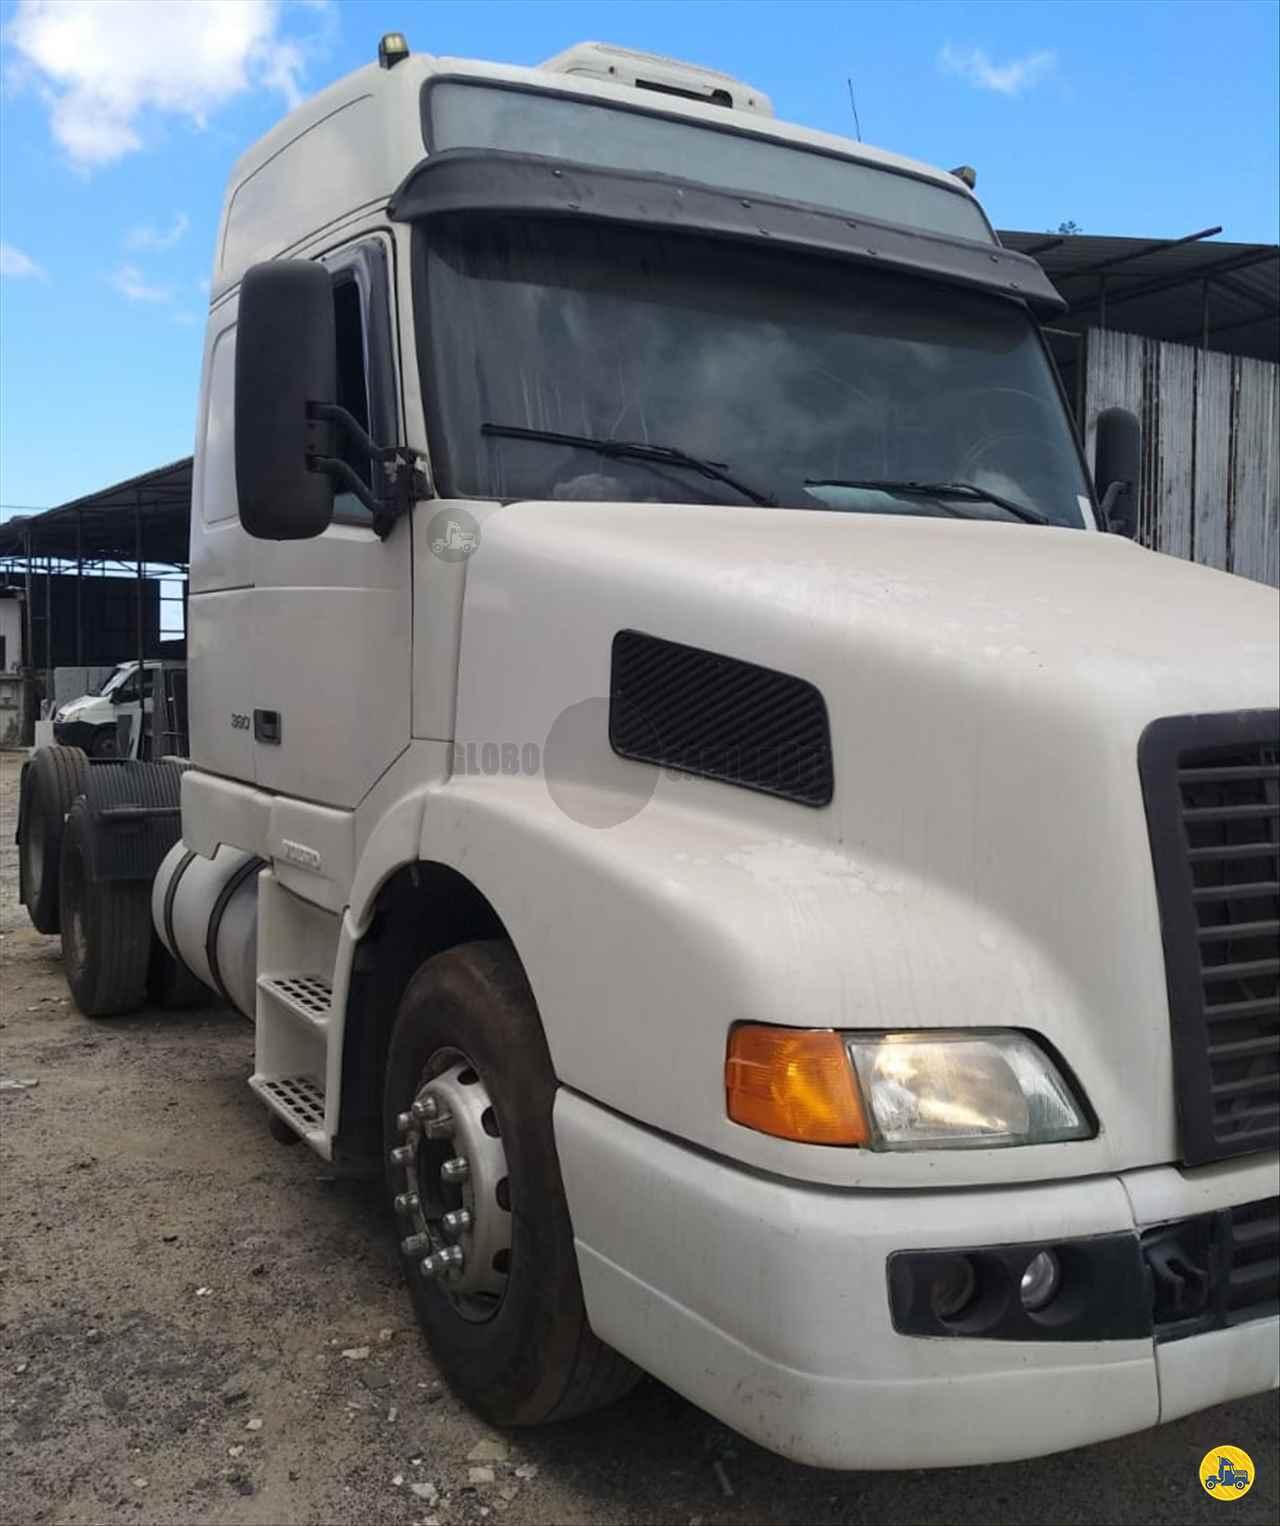 CAMINHAO VOLVO VOLVO NH12 380 Cavalo Mecânico Truck 6x2 Globo Caminhões Helio Maringá MARINGA PARANÁ PR